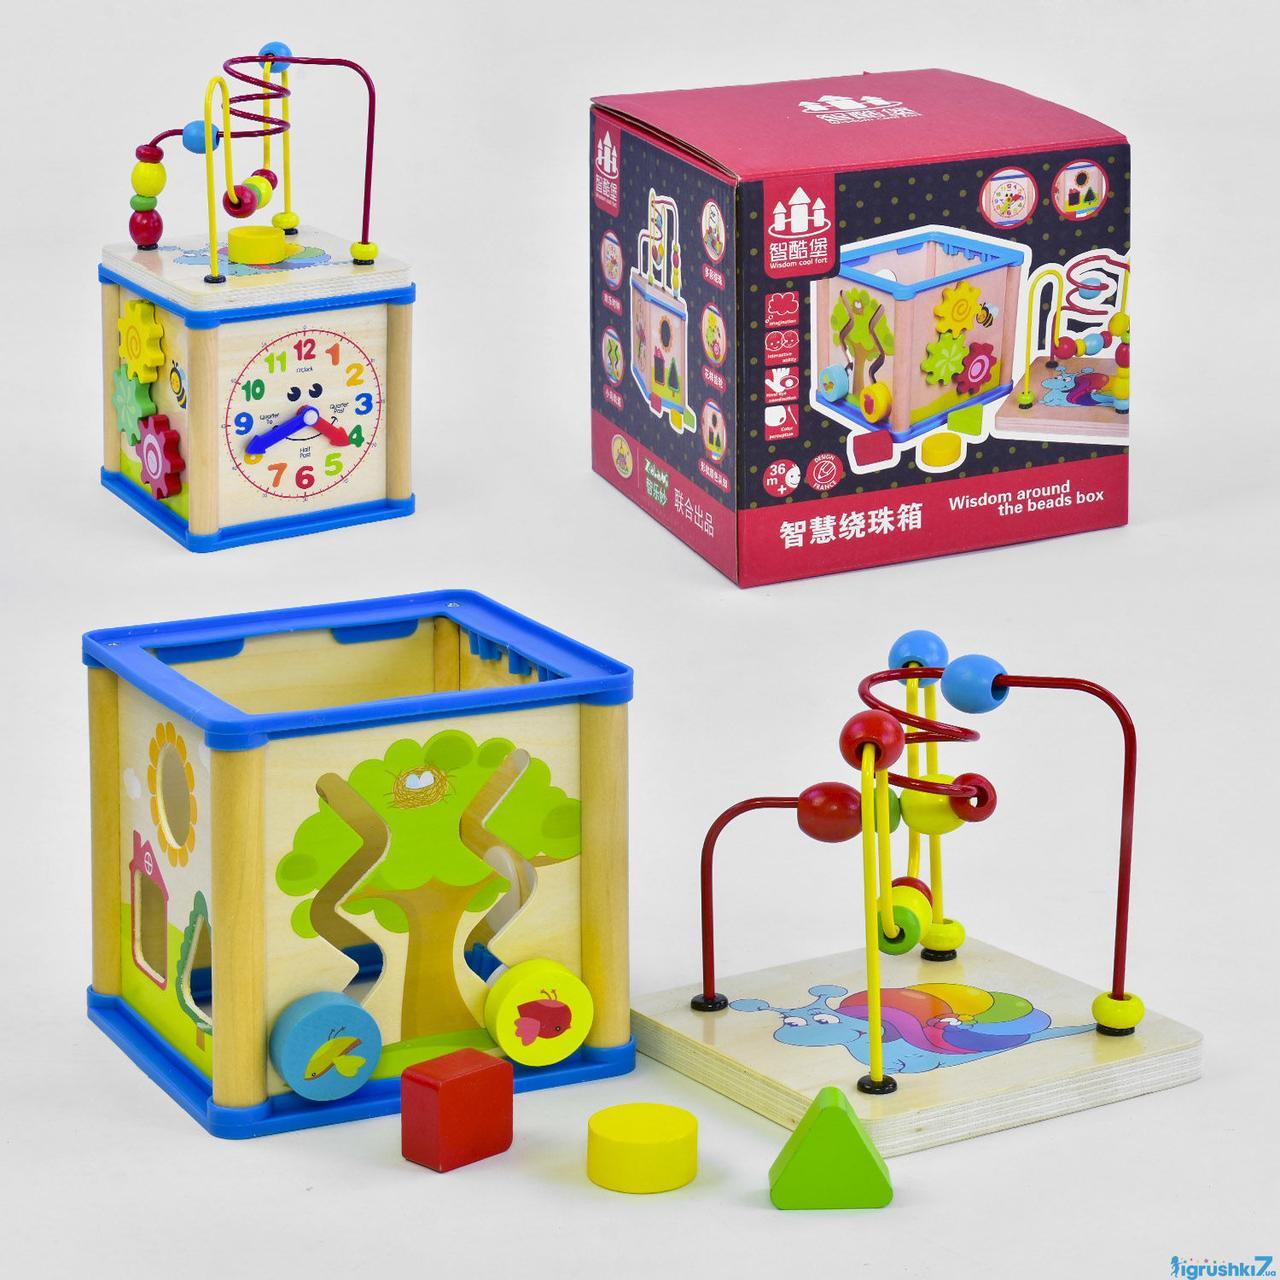 """Деревянная игра """"Логический куб"""" С 37675 (12) в коробке"""